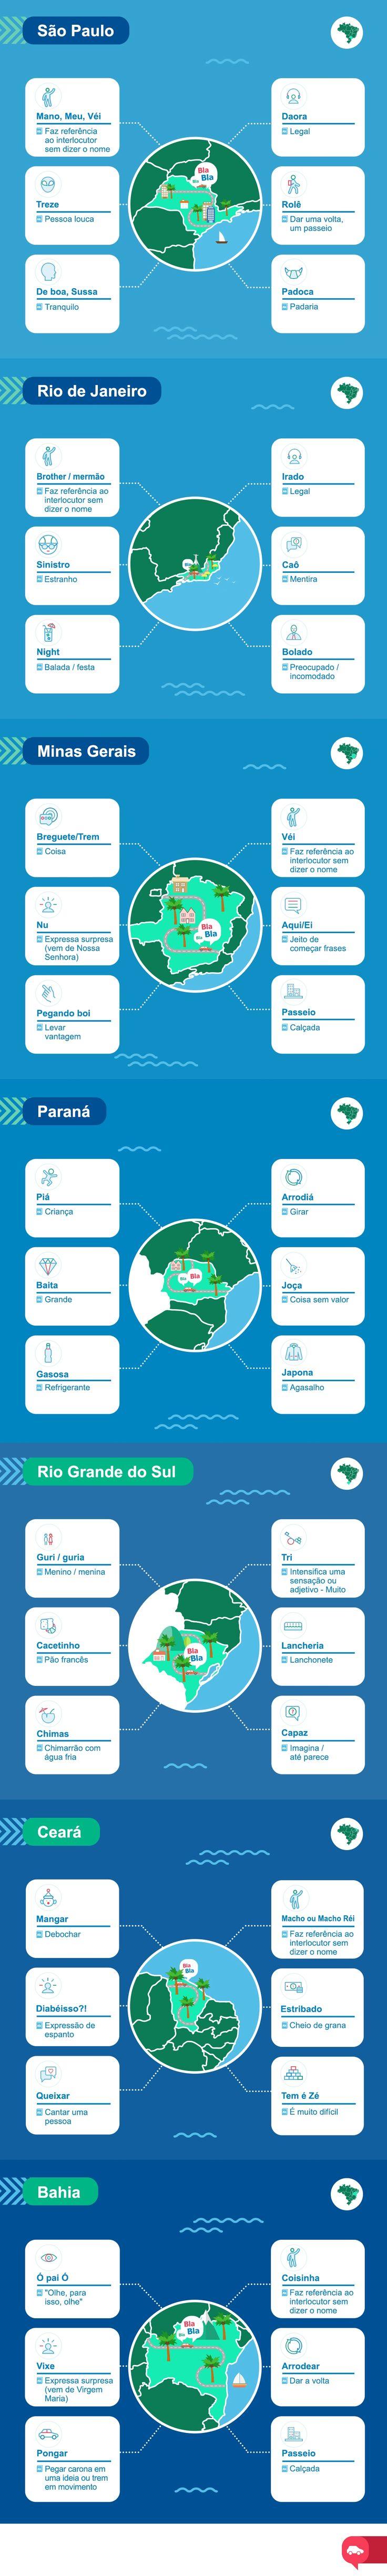 Infográfico mostra gírias de 8 Estados brasileiros para ajudar viajantes